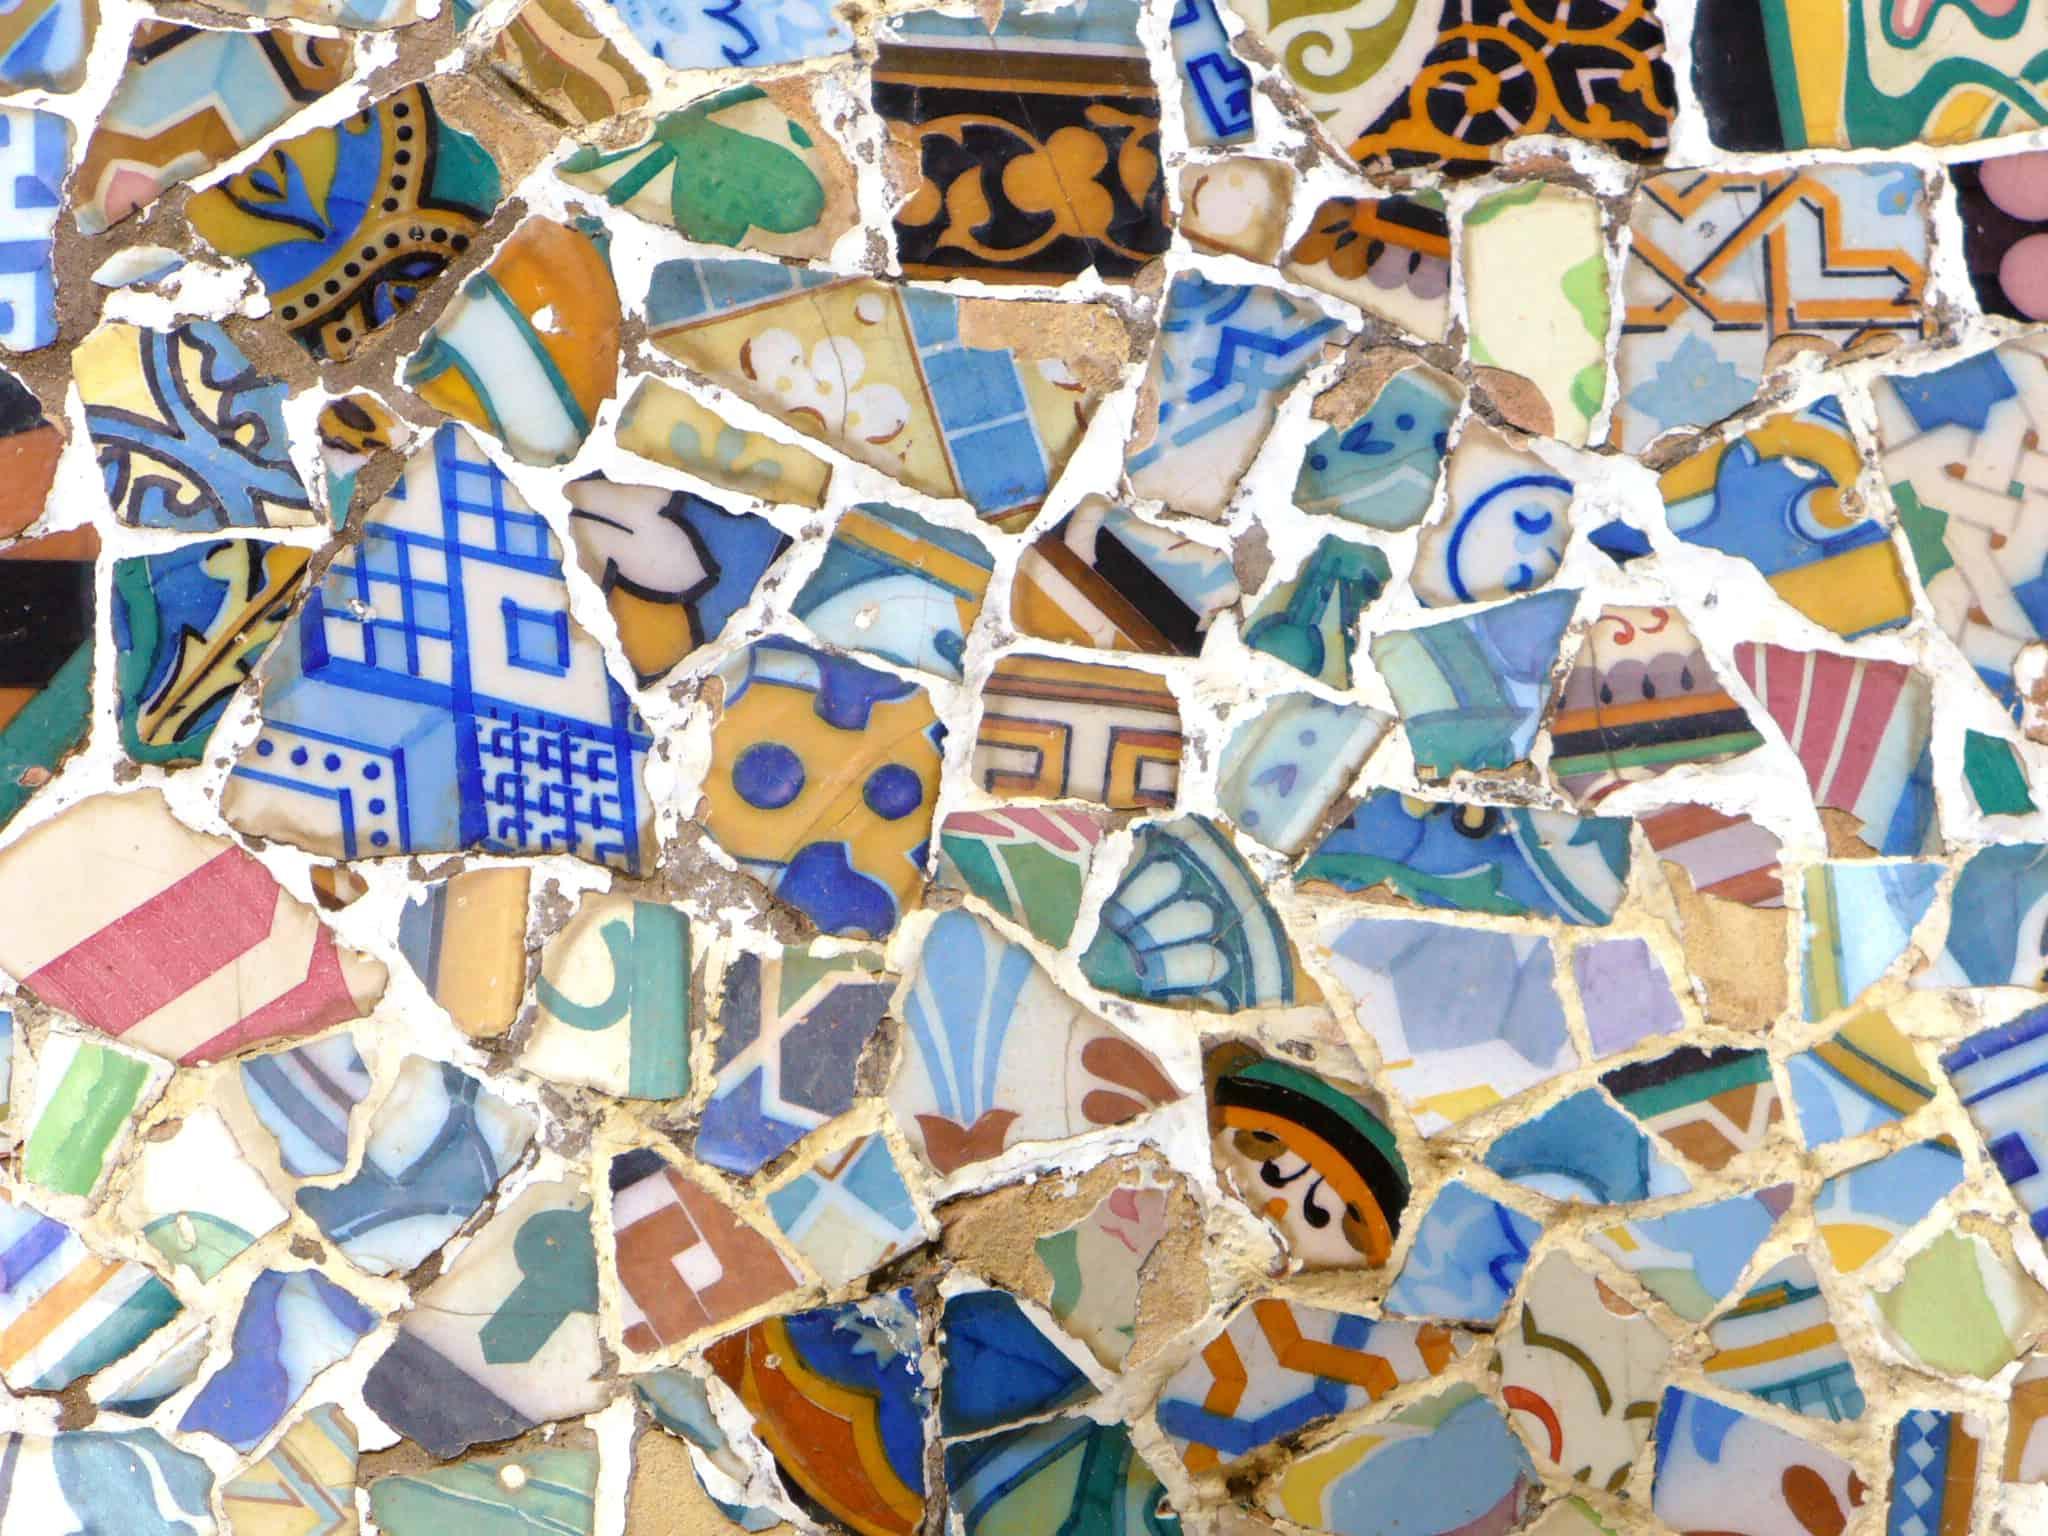 המוזאיקות של גאודי Gaudi